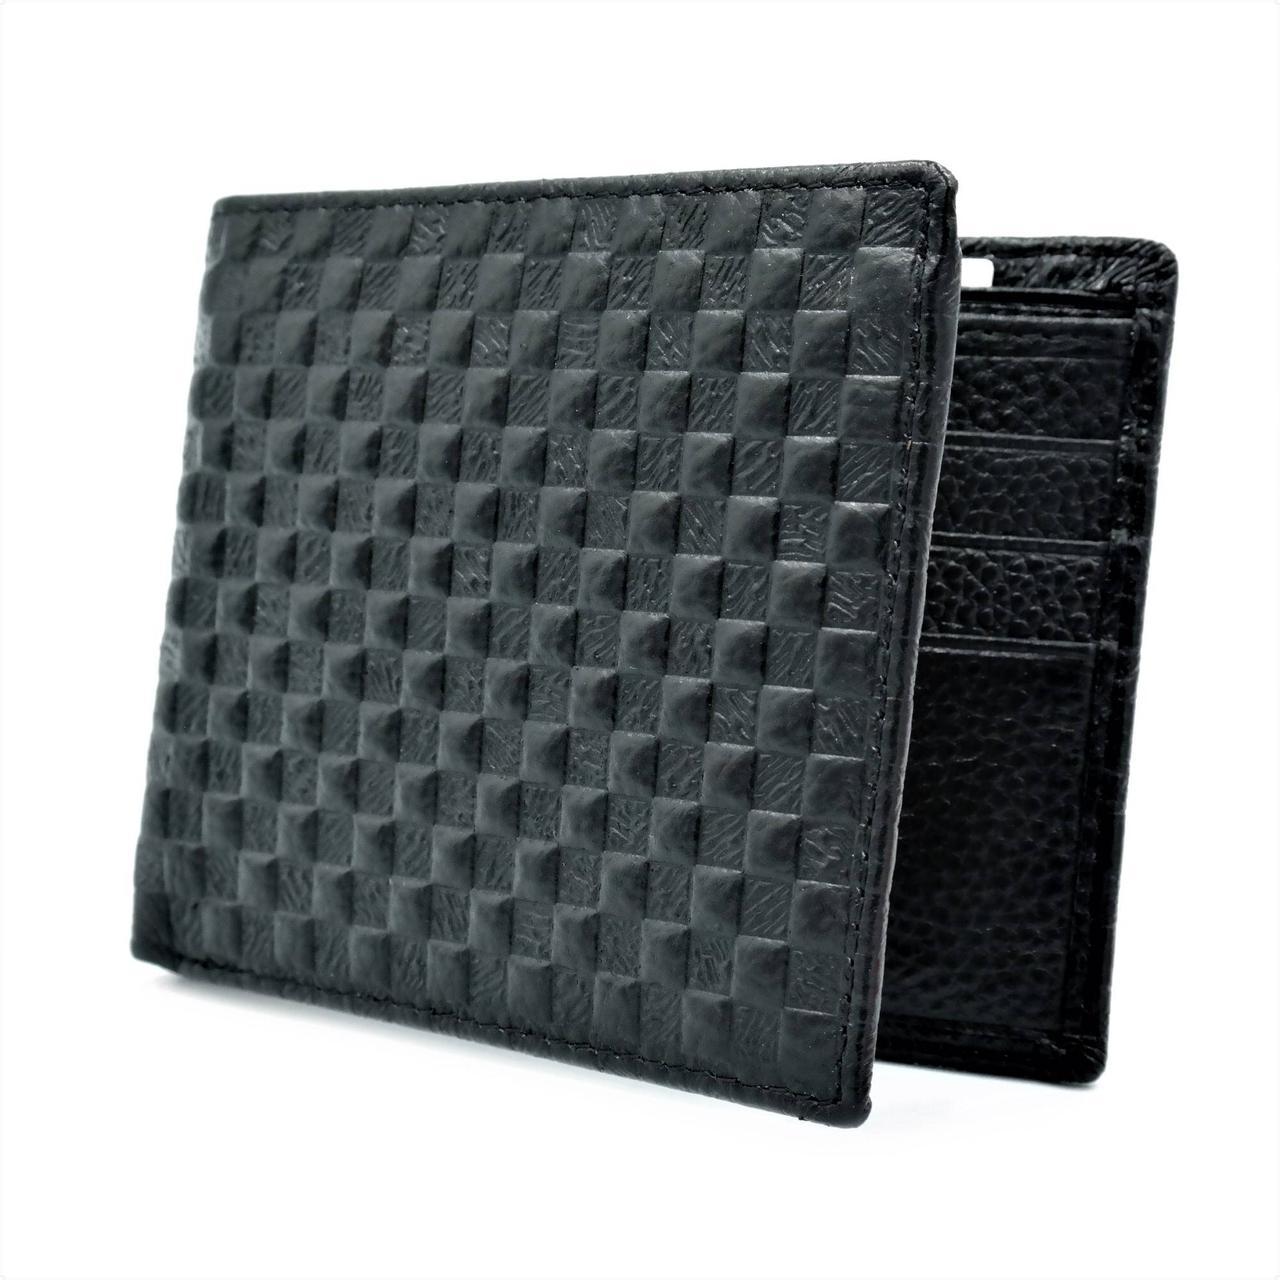 Мужской кожаный кошелек Чёрный (nw-k-8916-15-1)